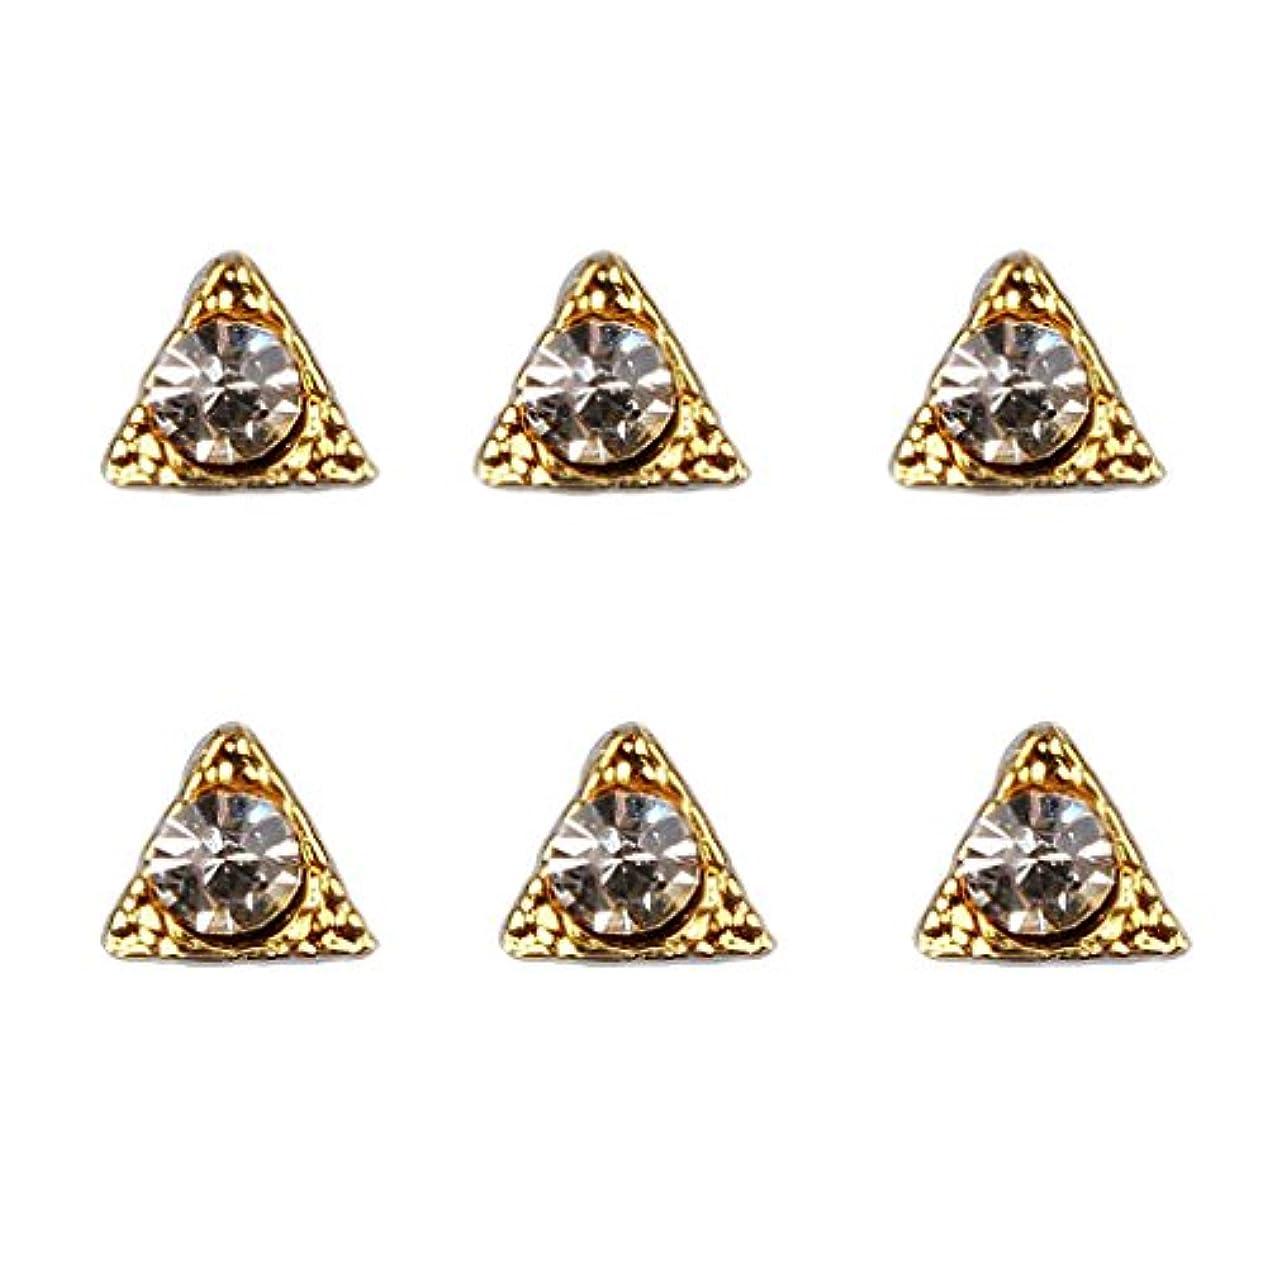 左反射ぼかしネイル ネイルデザイン ダイヤモンド 3Dネイルアート ヒントステッカー デコレーション 50個入り - 7